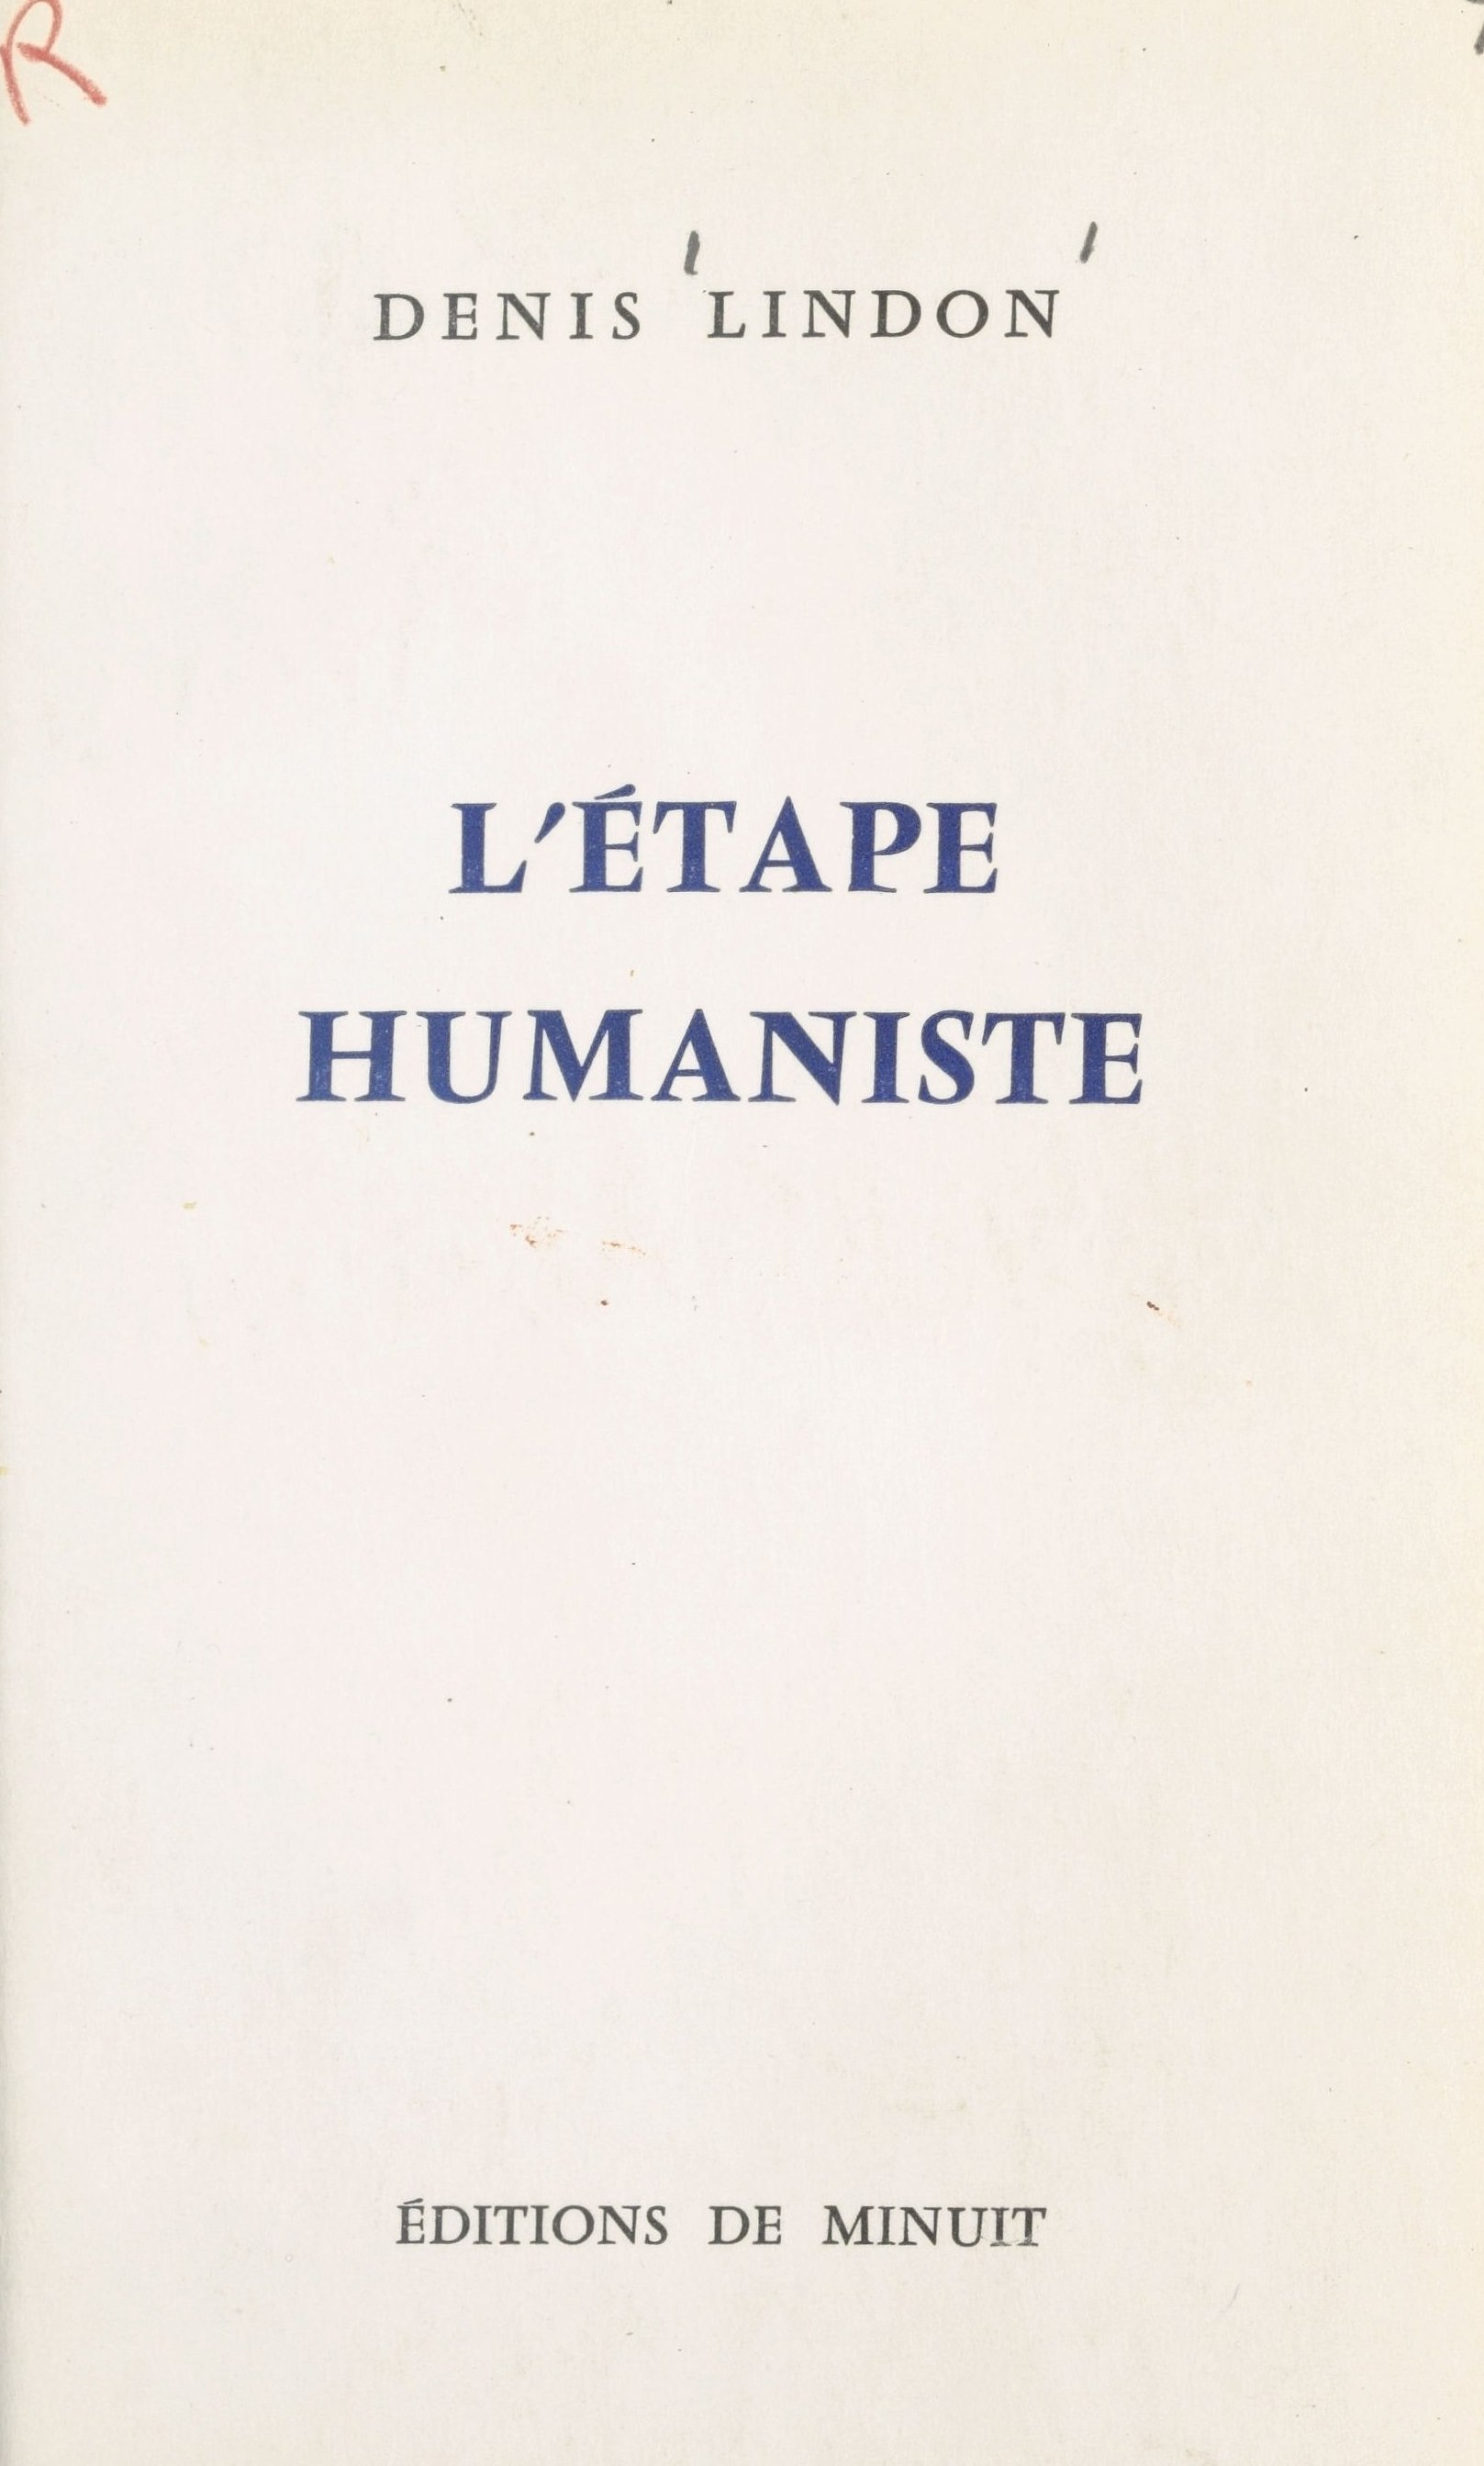 L'étape humaniste